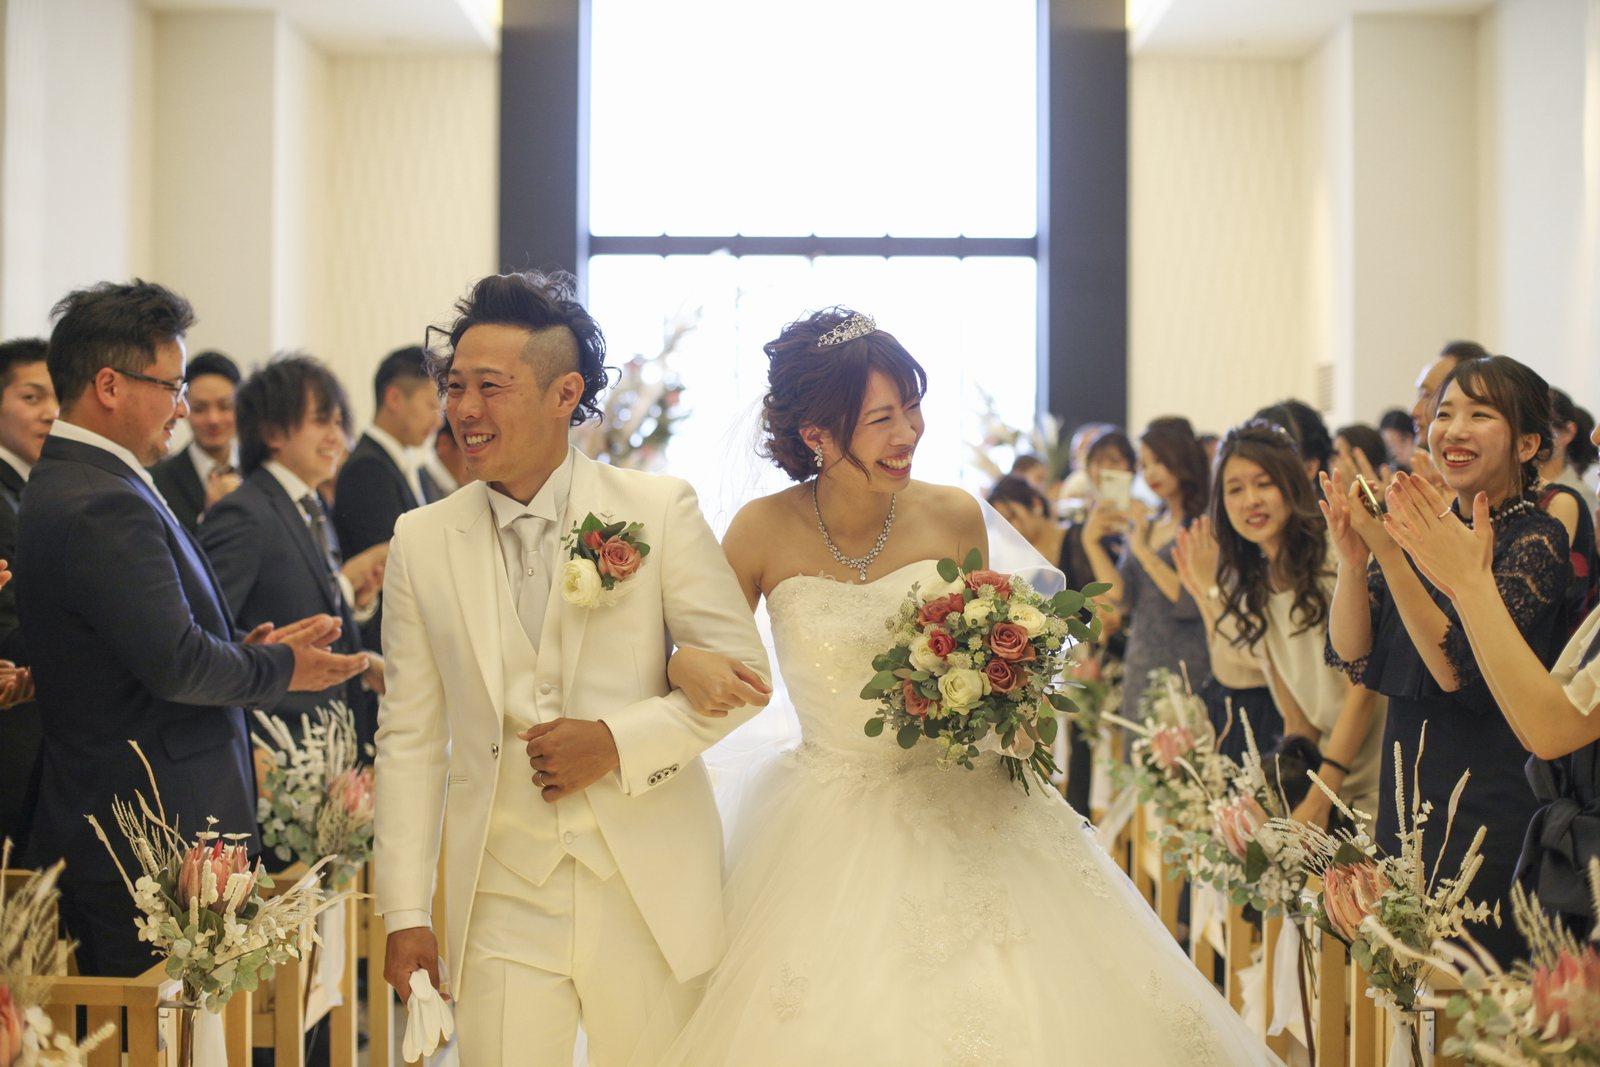 高松市の結婚式場アイルバレクラブ 挙式退場